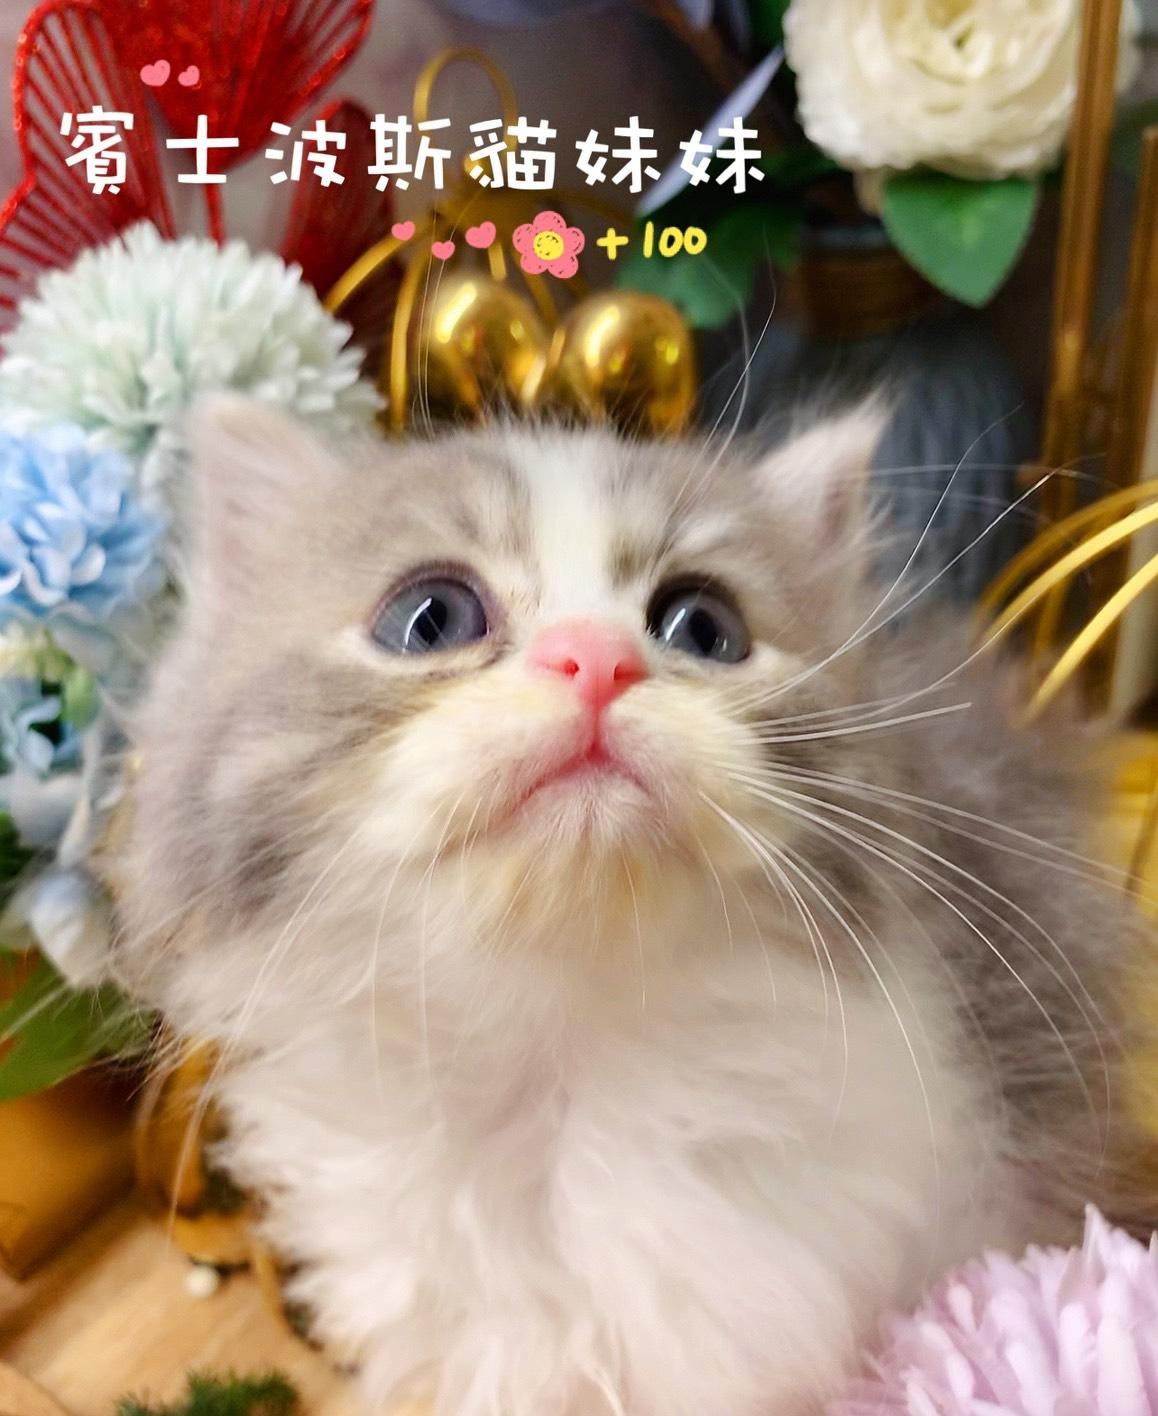 月亮糖糖喵樂園/銀色賓士金吉拉波斯貓